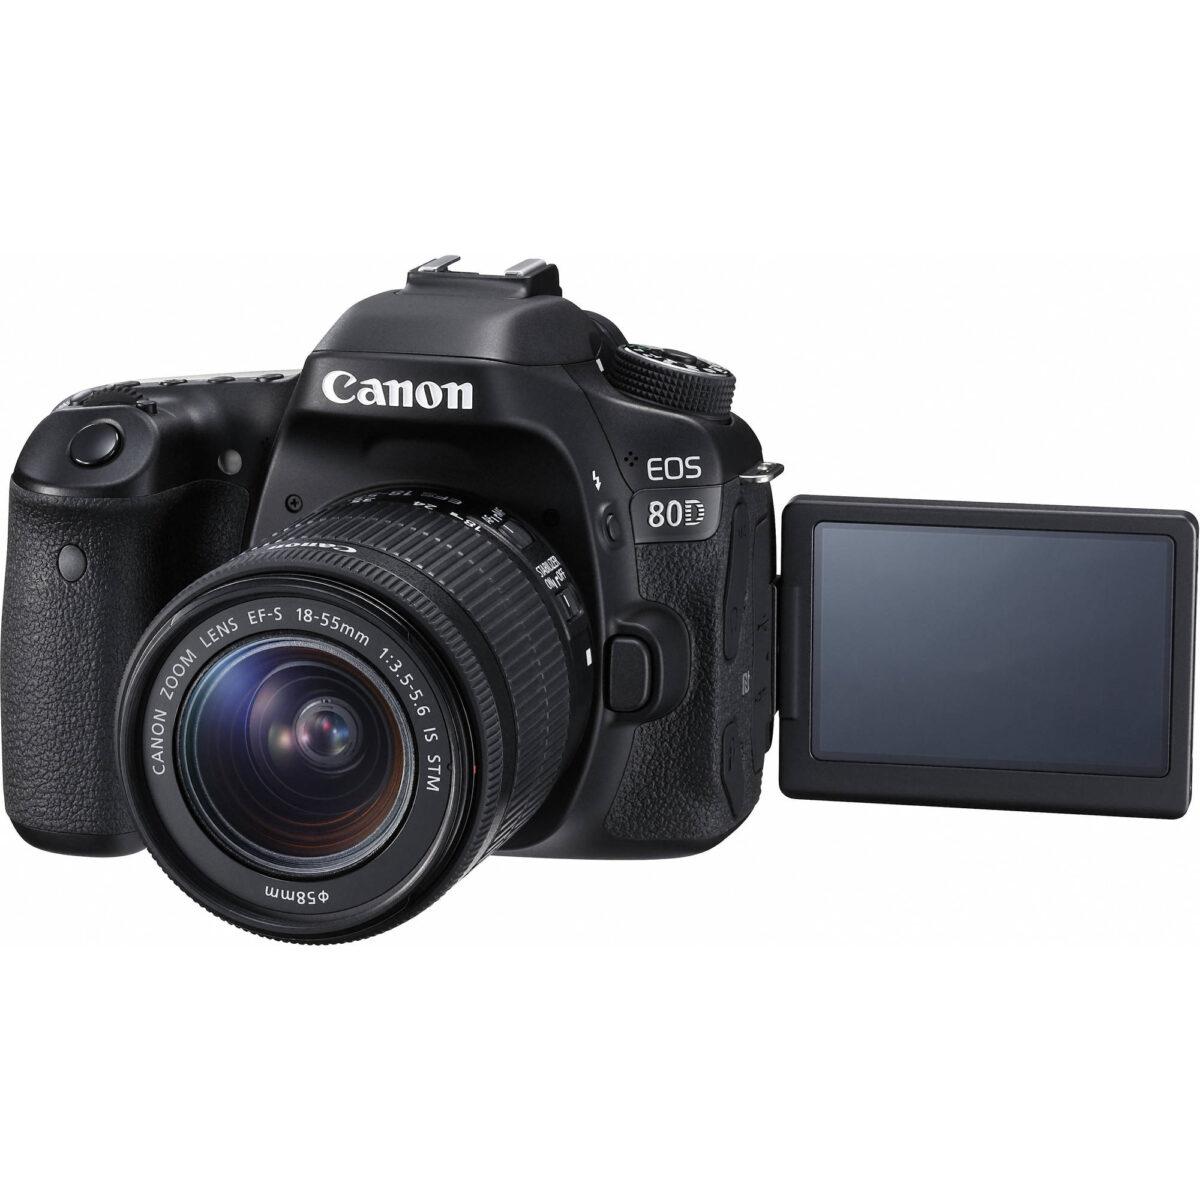 بهترین قیمت دوربین canon eos 80d در آنلاین شاپ یزد کمرا